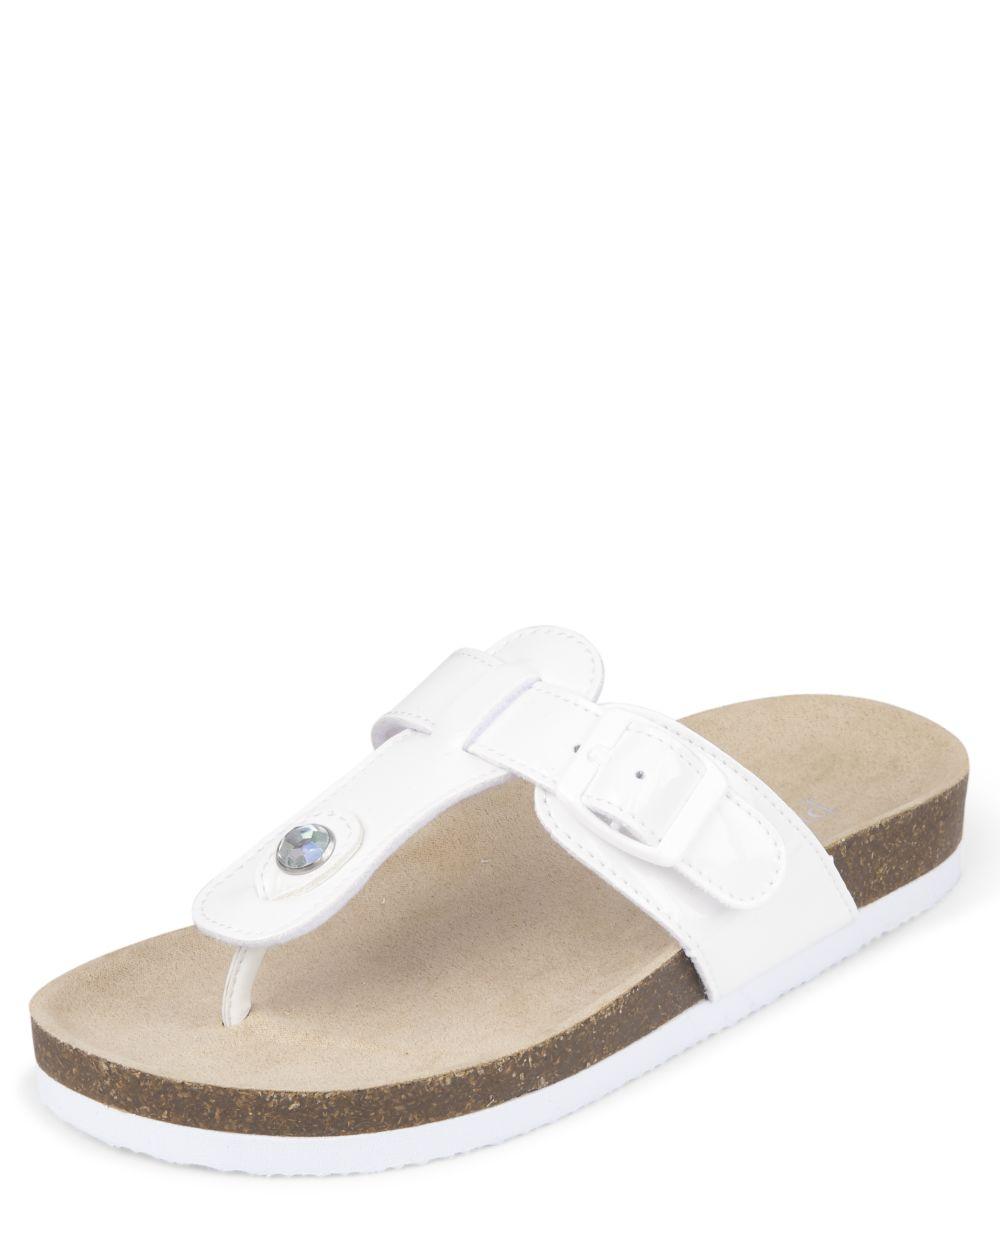 Jeweled T Strap Slides - White